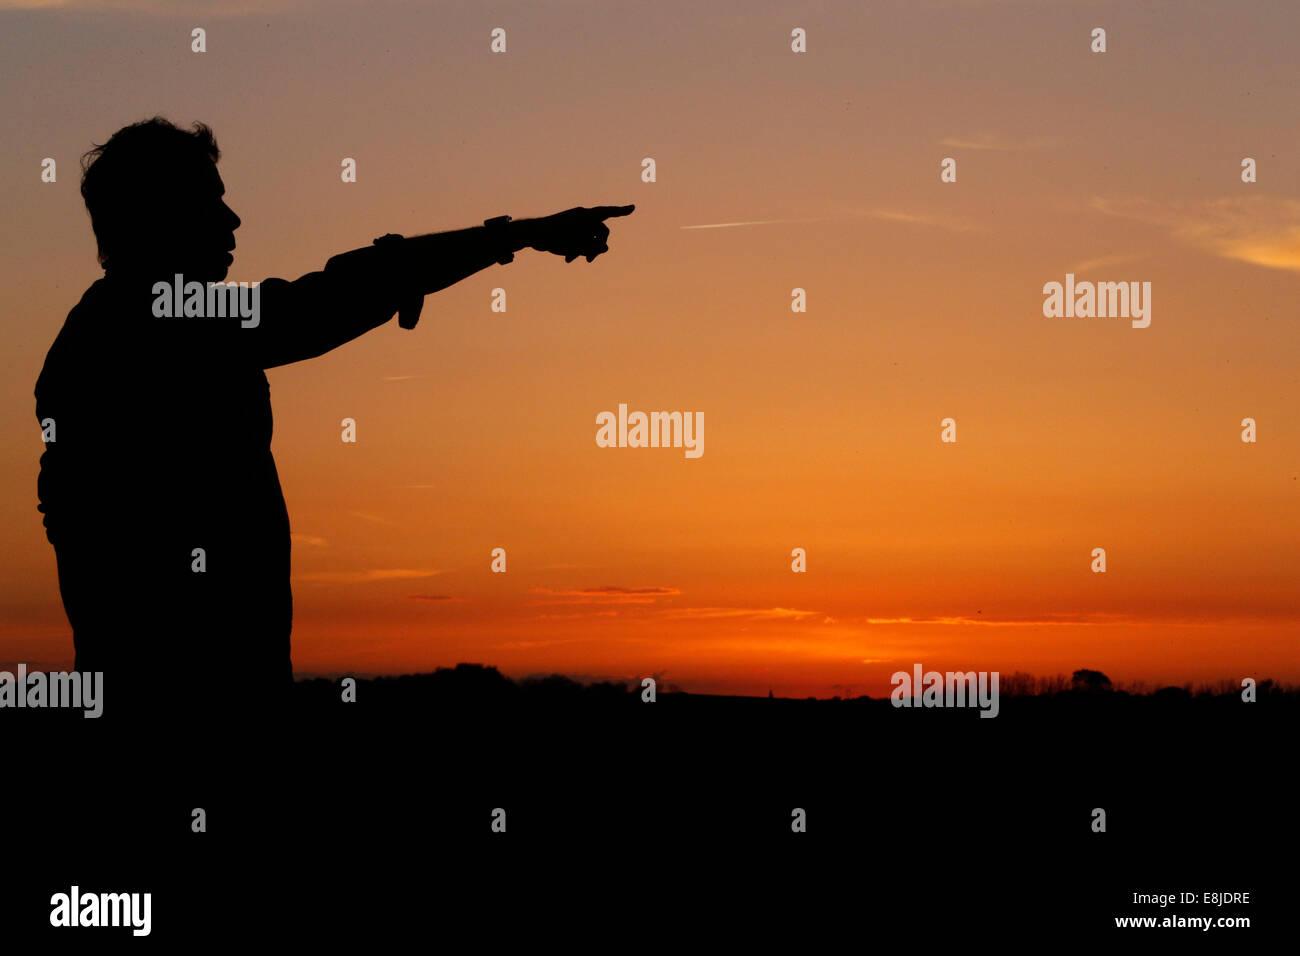 Silhouette eines Mannes auf dem Horizont bei Sonnenuntergang. Stockbild